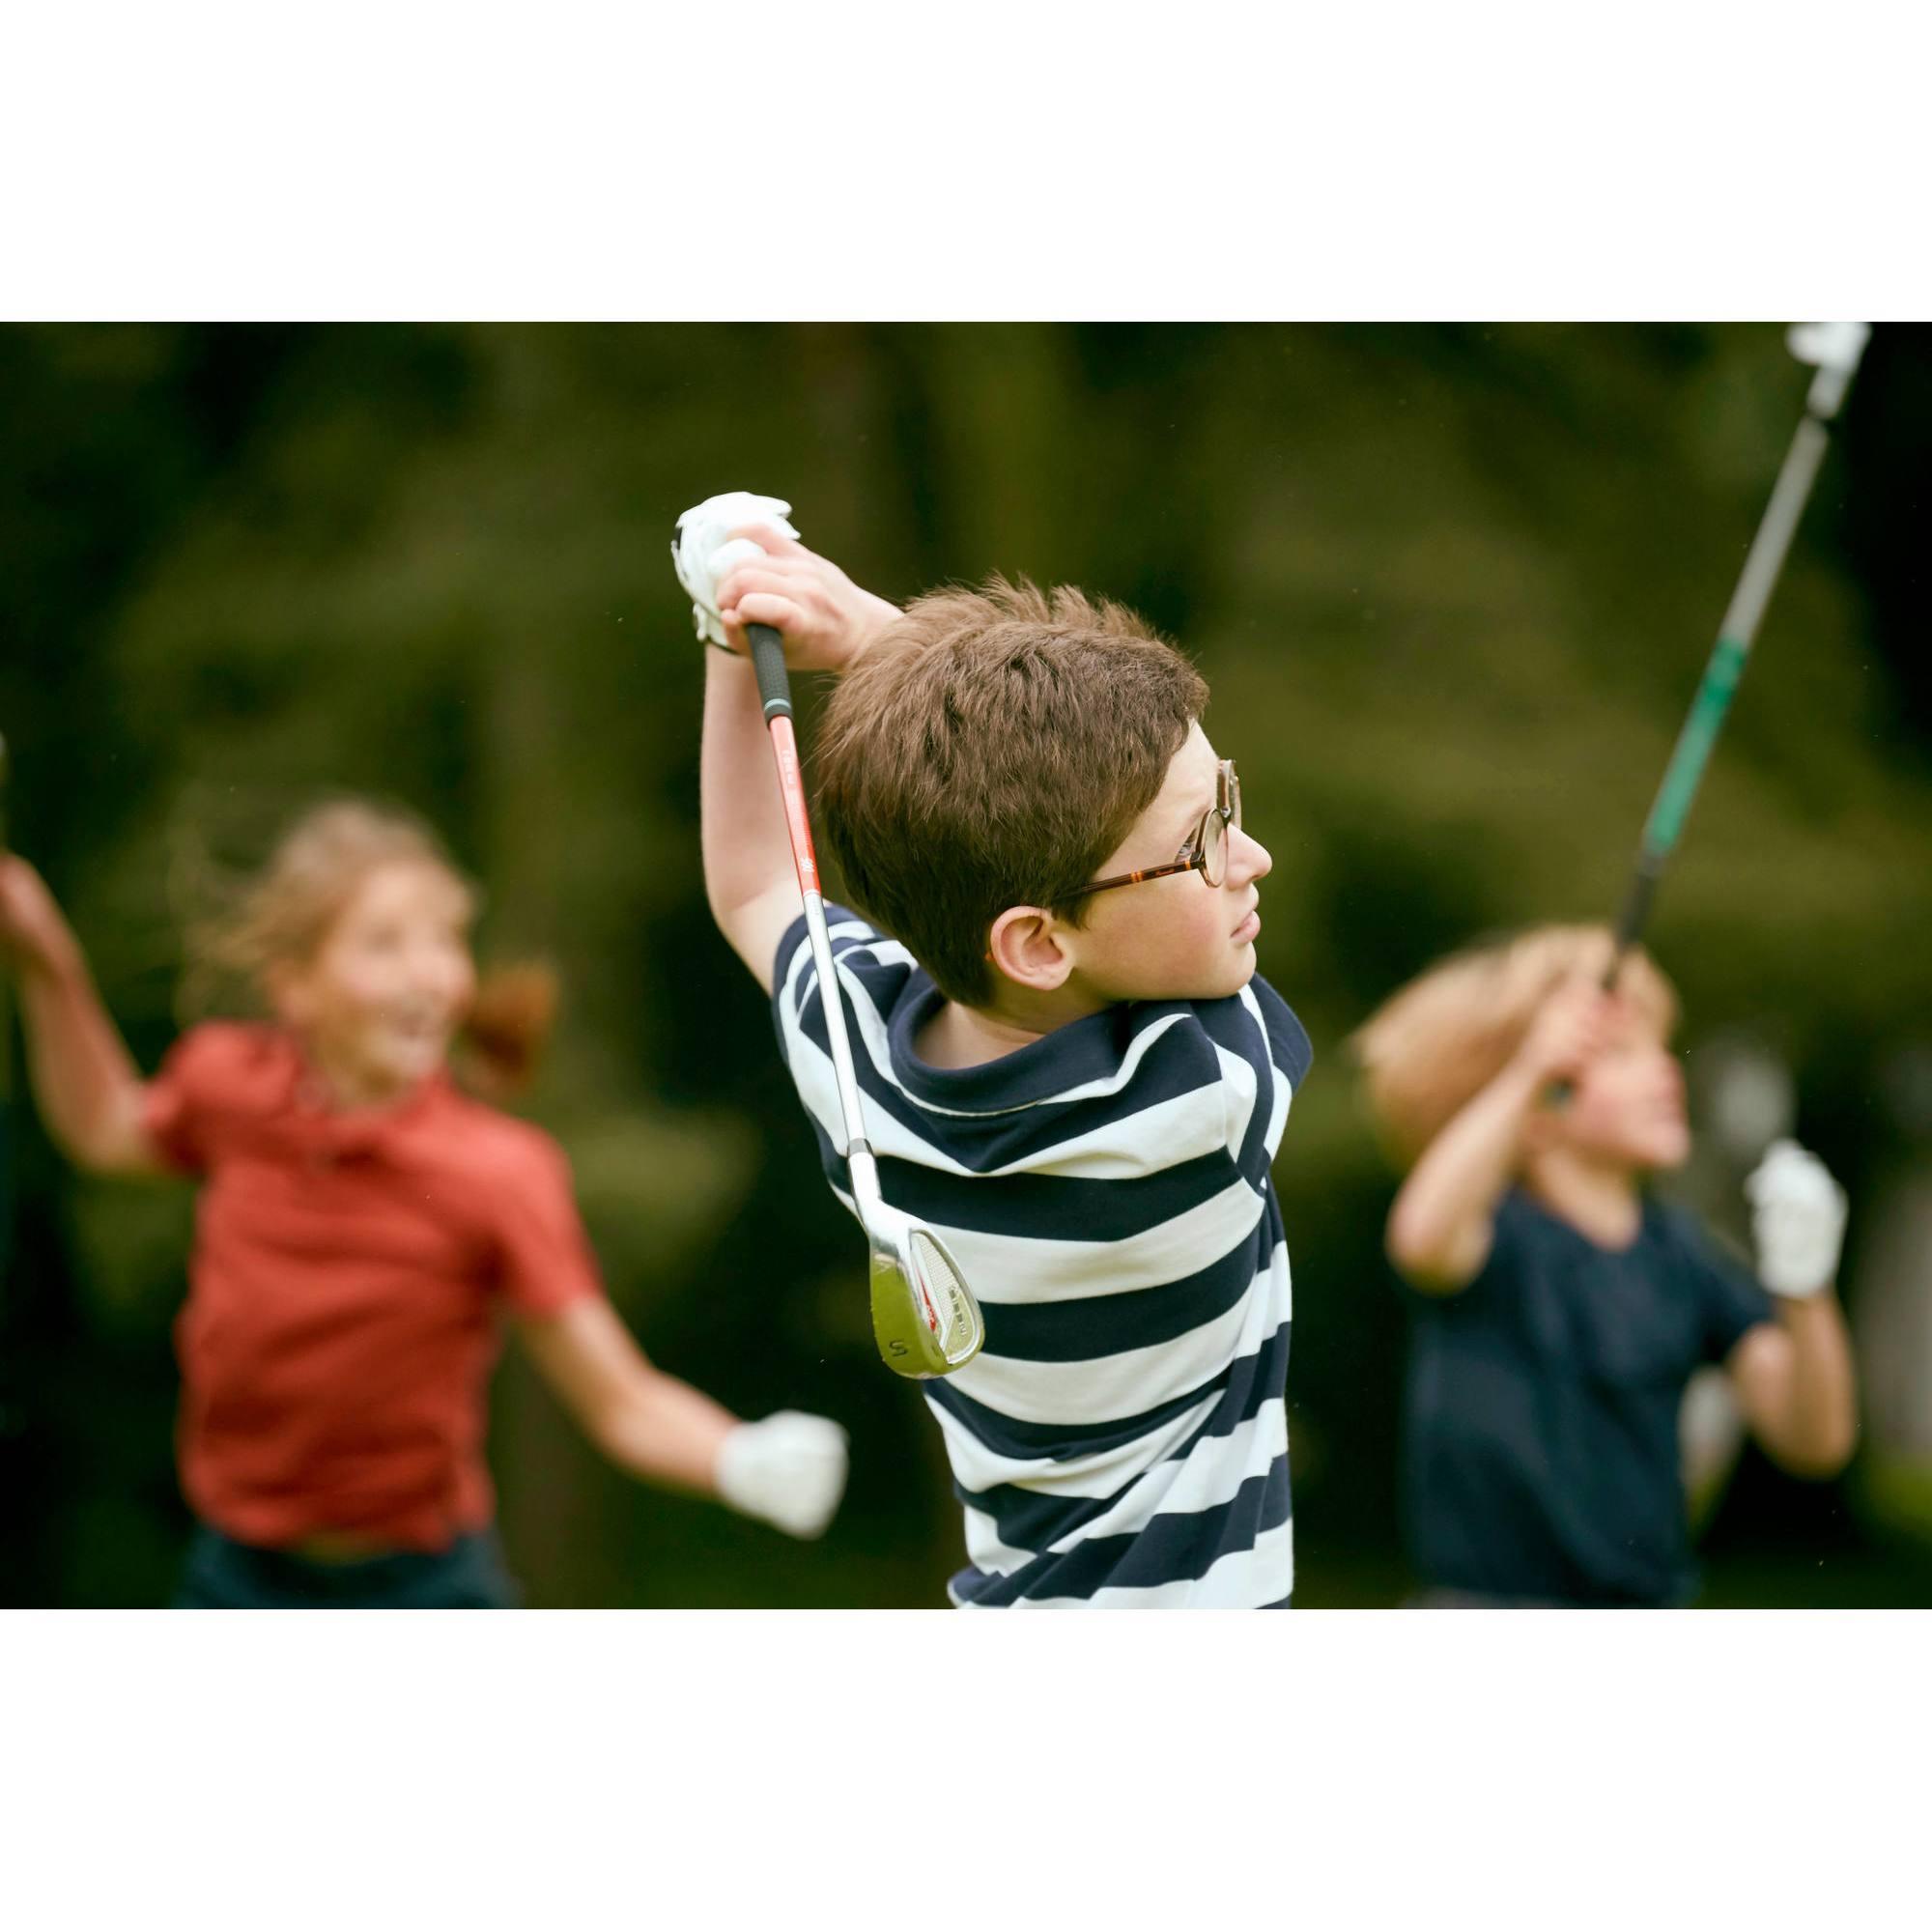 kit de golf enfant 8 10 ans droitier 500 clubs. Black Bedroom Furniture Sets. Home Design Ideas